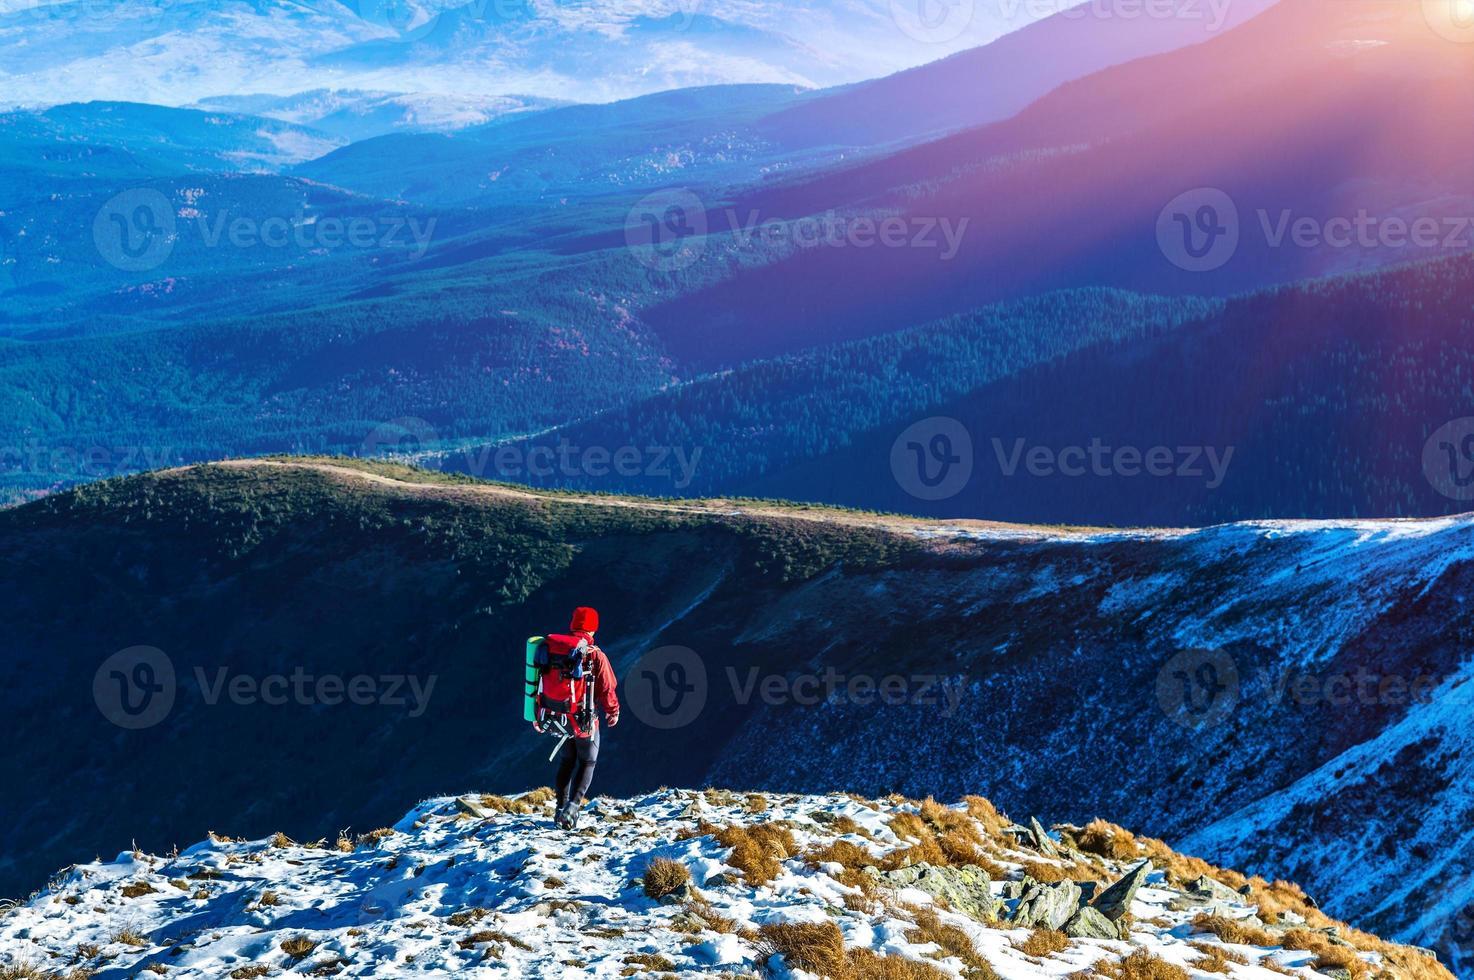 escursionista a piedi sulle montagne pendio di neve e il sole splendente foto